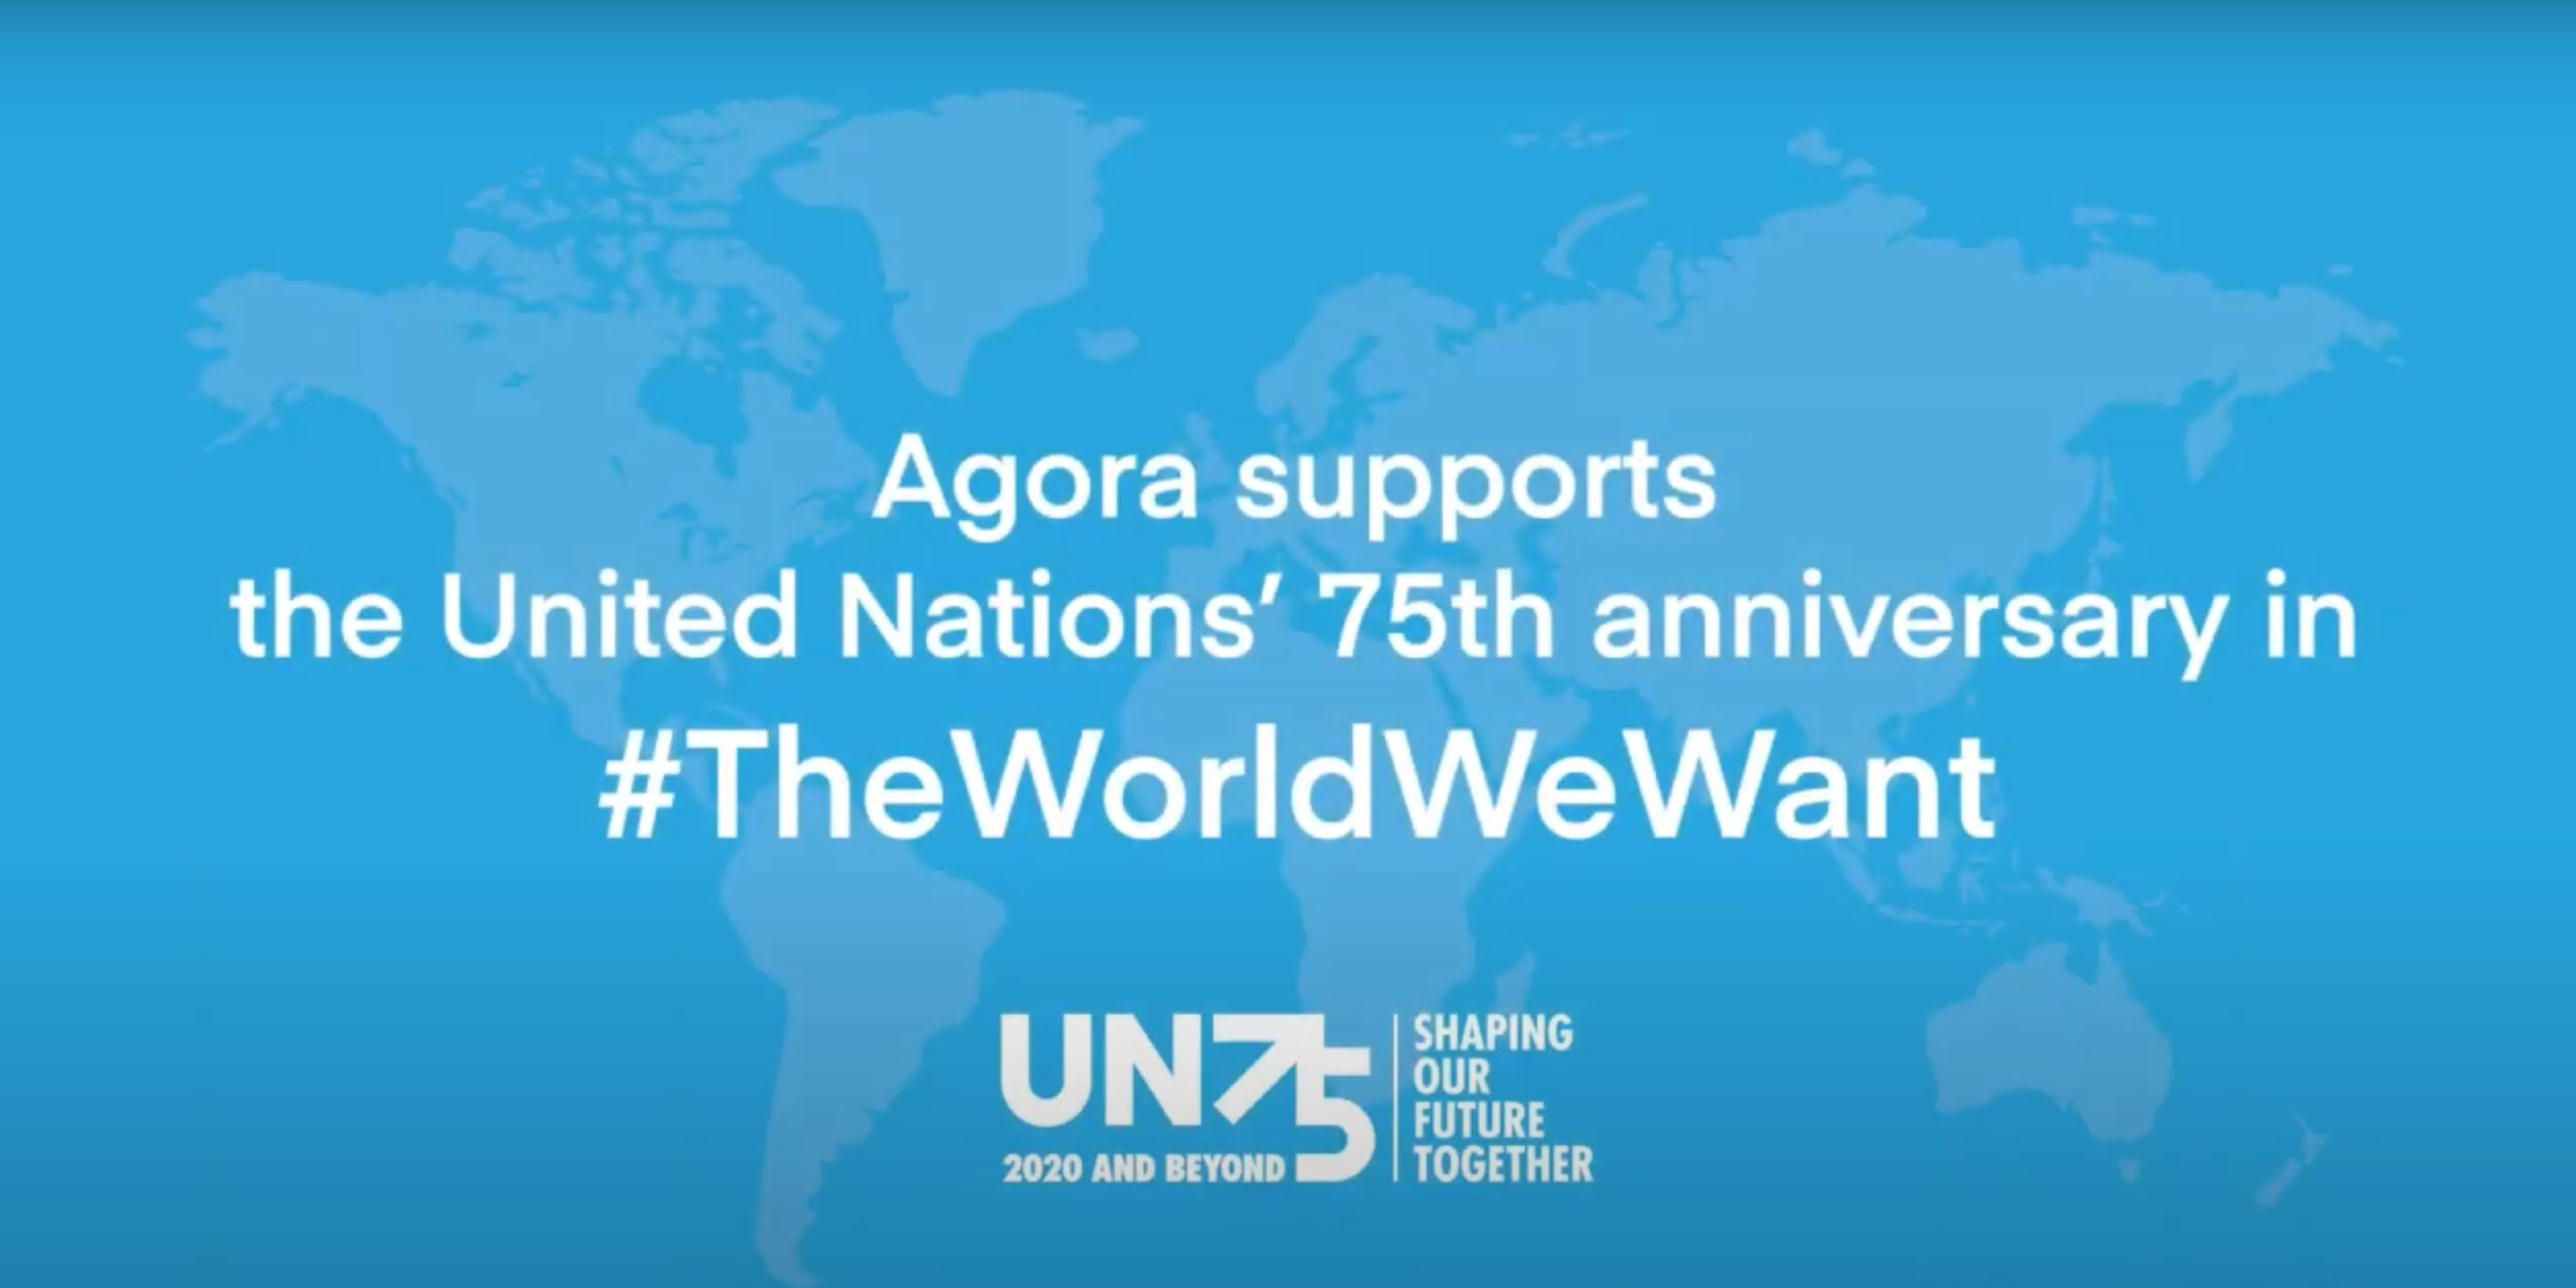 agora-images-theworldwewant